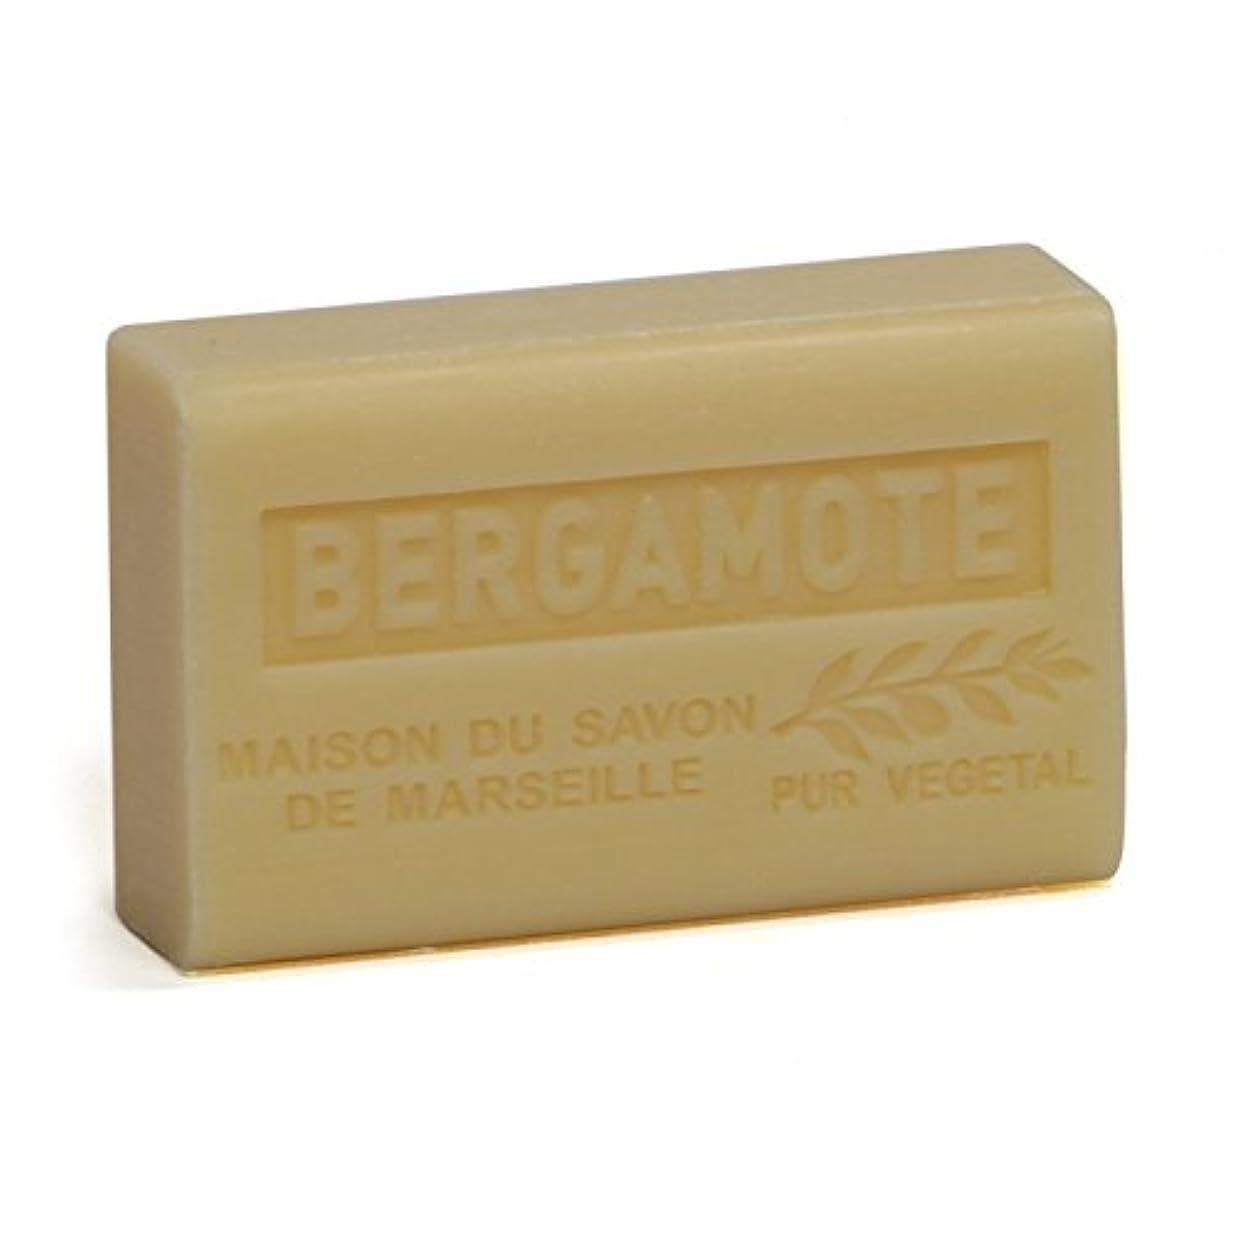 率直な忌み嫌う特異なSavon de Marseille Soap Bergamot Shea Butter 125g